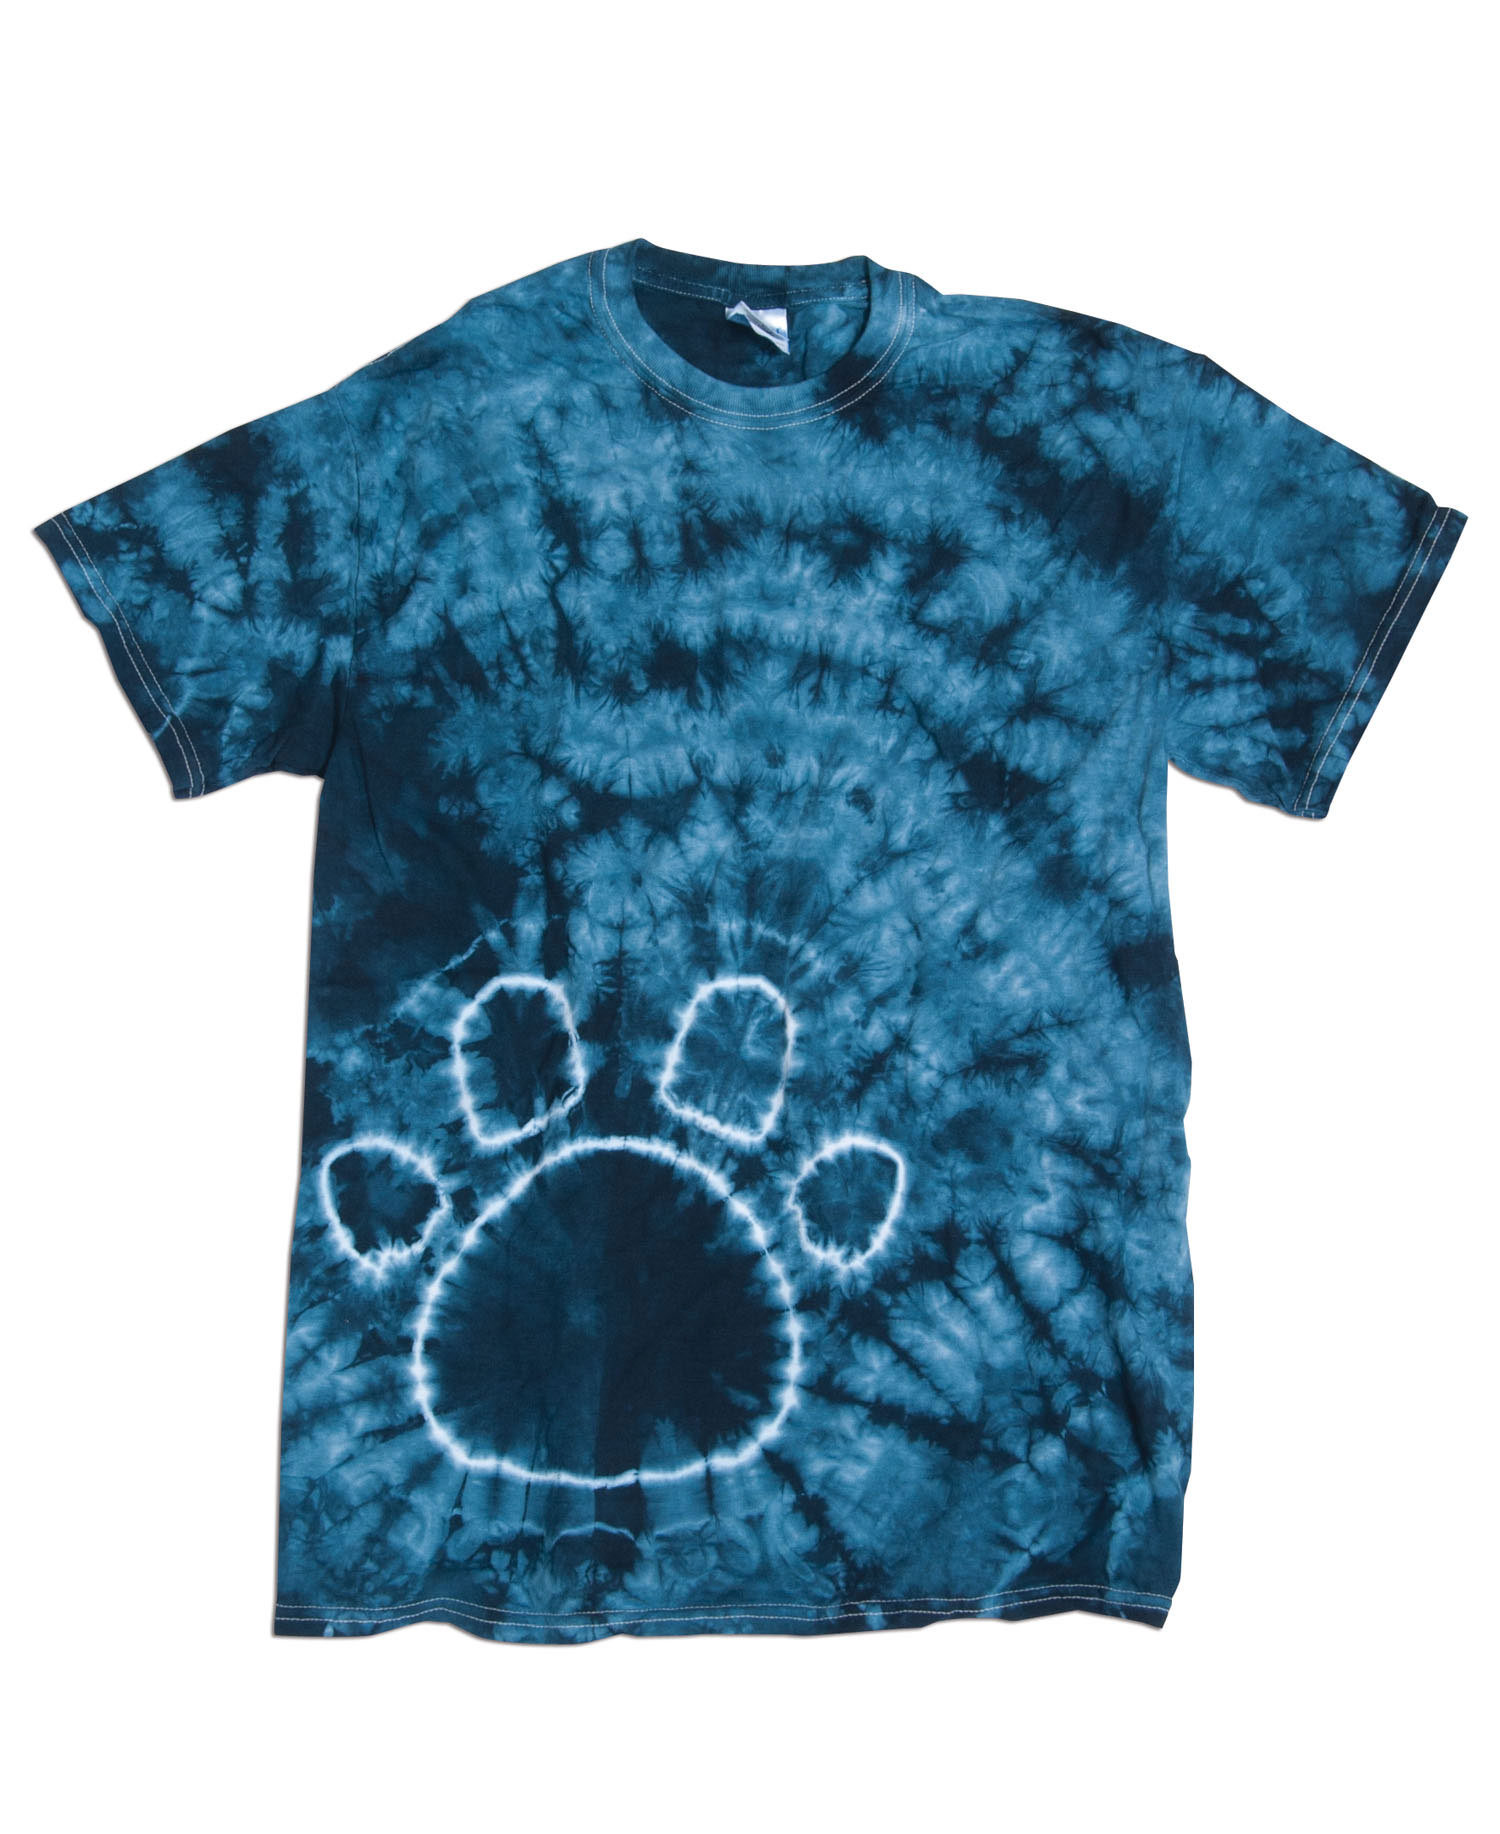 Dyenomite - D20BPR Yth Paw Print Tie Dye